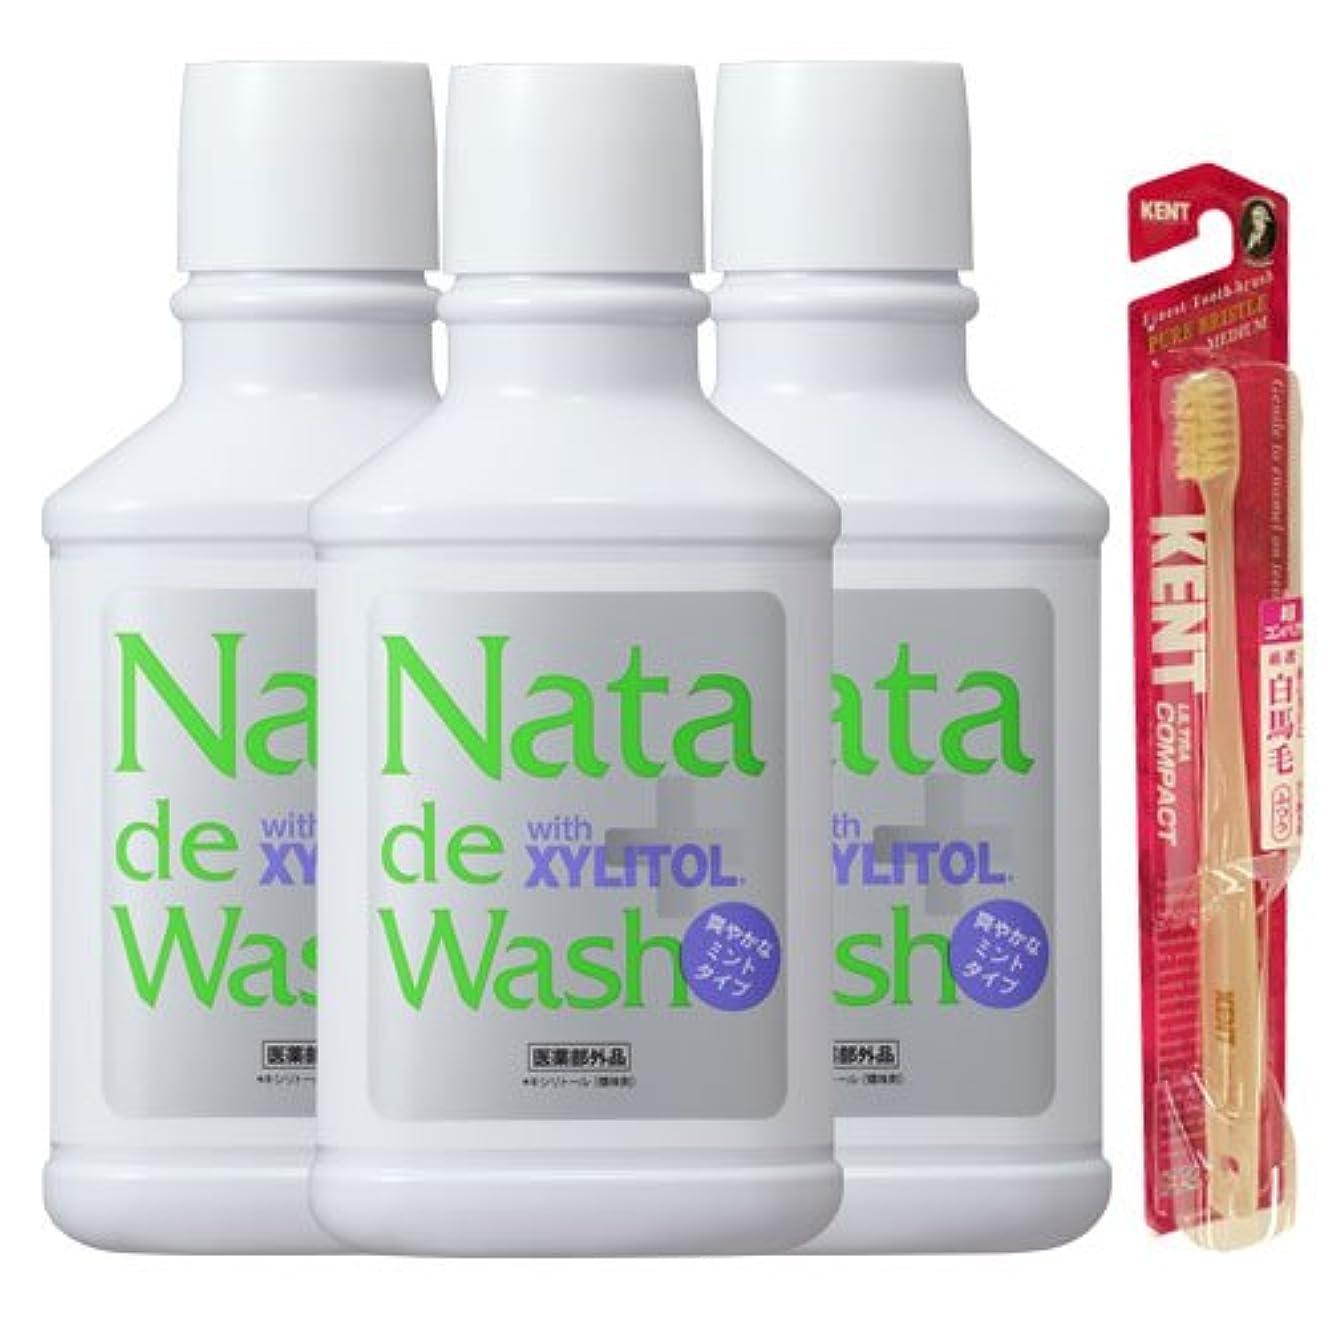 王朝アイザックトマト薬用ナタデウォッシュ 爽やかなミントタイプ 500ml 3本& KENT歯ブラシ1本プレゼント